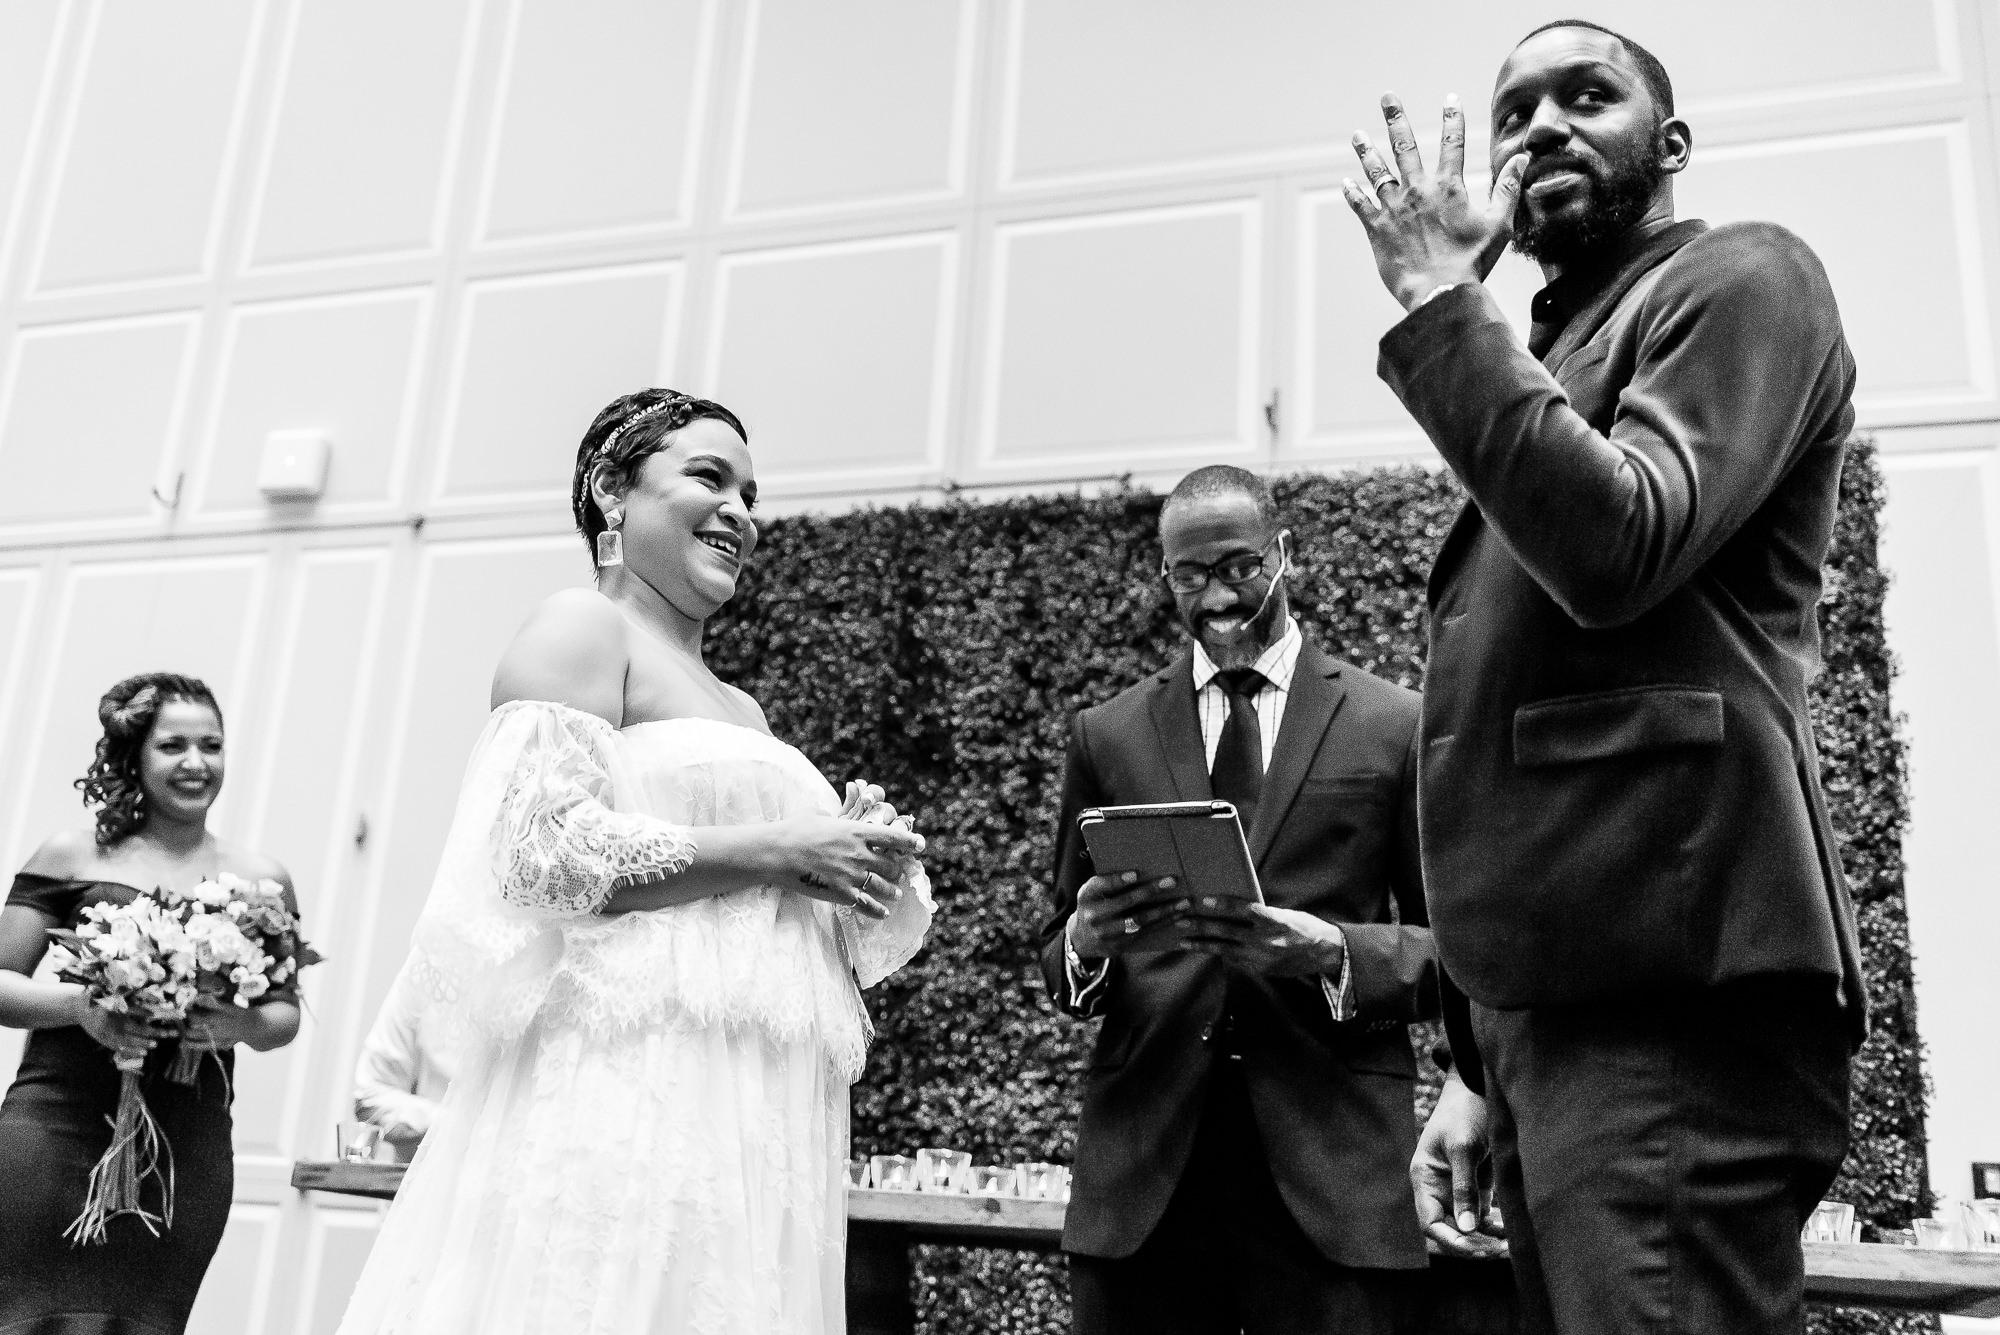 037-037-christopher-jason-studios-university-of-maryland-wedding-raheem-Devaughn-african-american-bride-and-groom.jpg